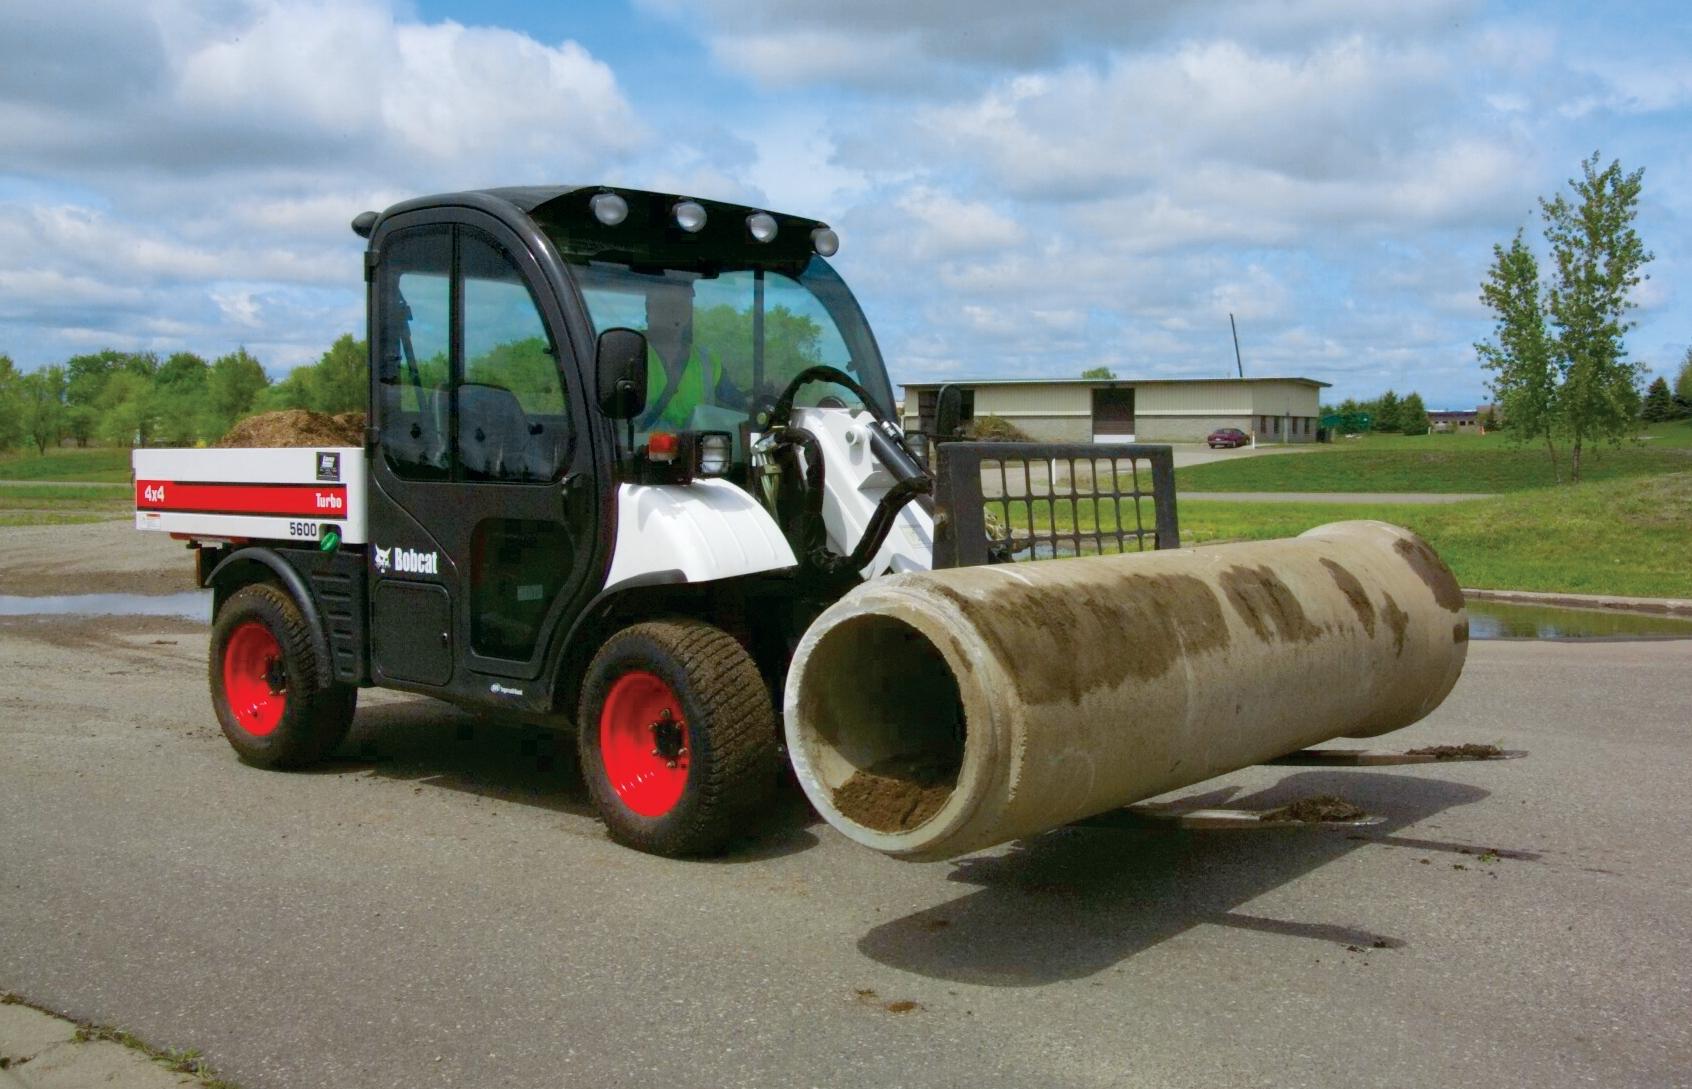 Bobcat unveils hydrostatic drive utility vehicles, Tier 4-compliant